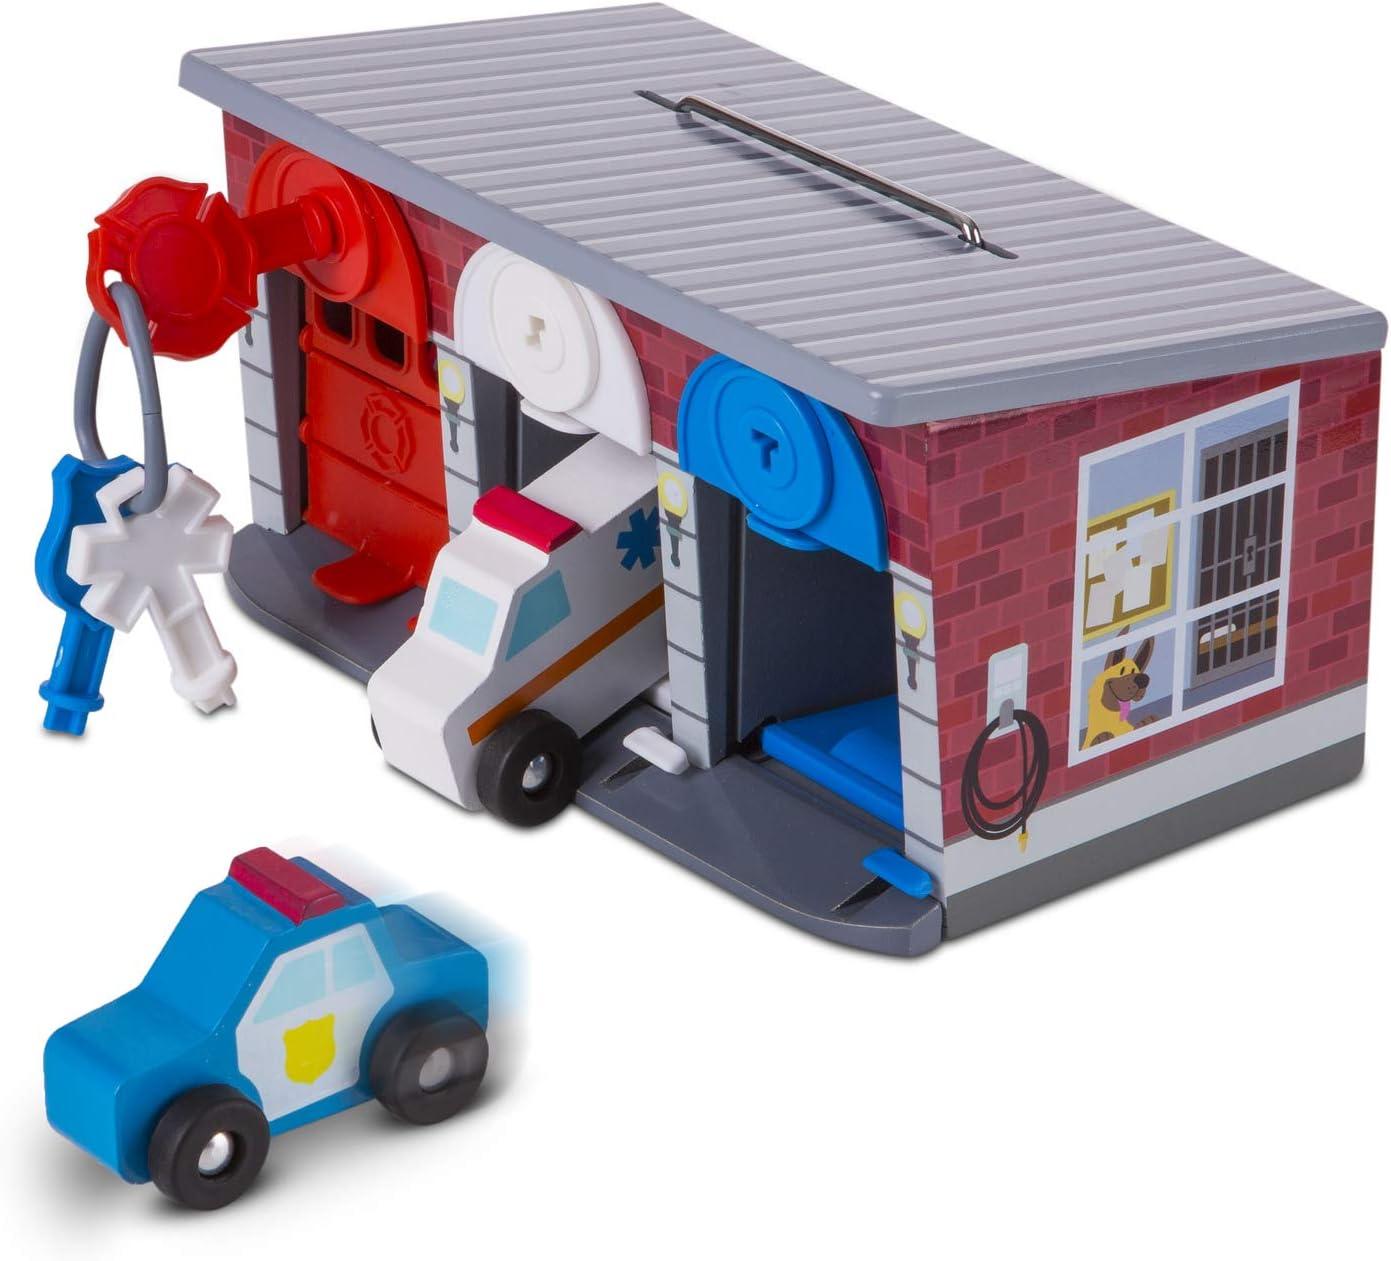 Melissa & Doug | Garaje de llaves y vehículos de rescate | Juguetes de madera y trenes | 3+ years